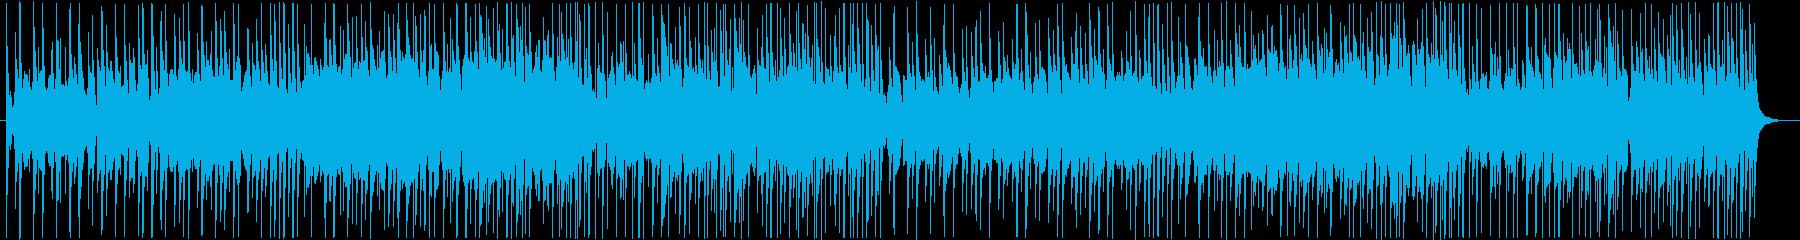 低いシンセサイザーパッドとコンガを...の再生済みの波形